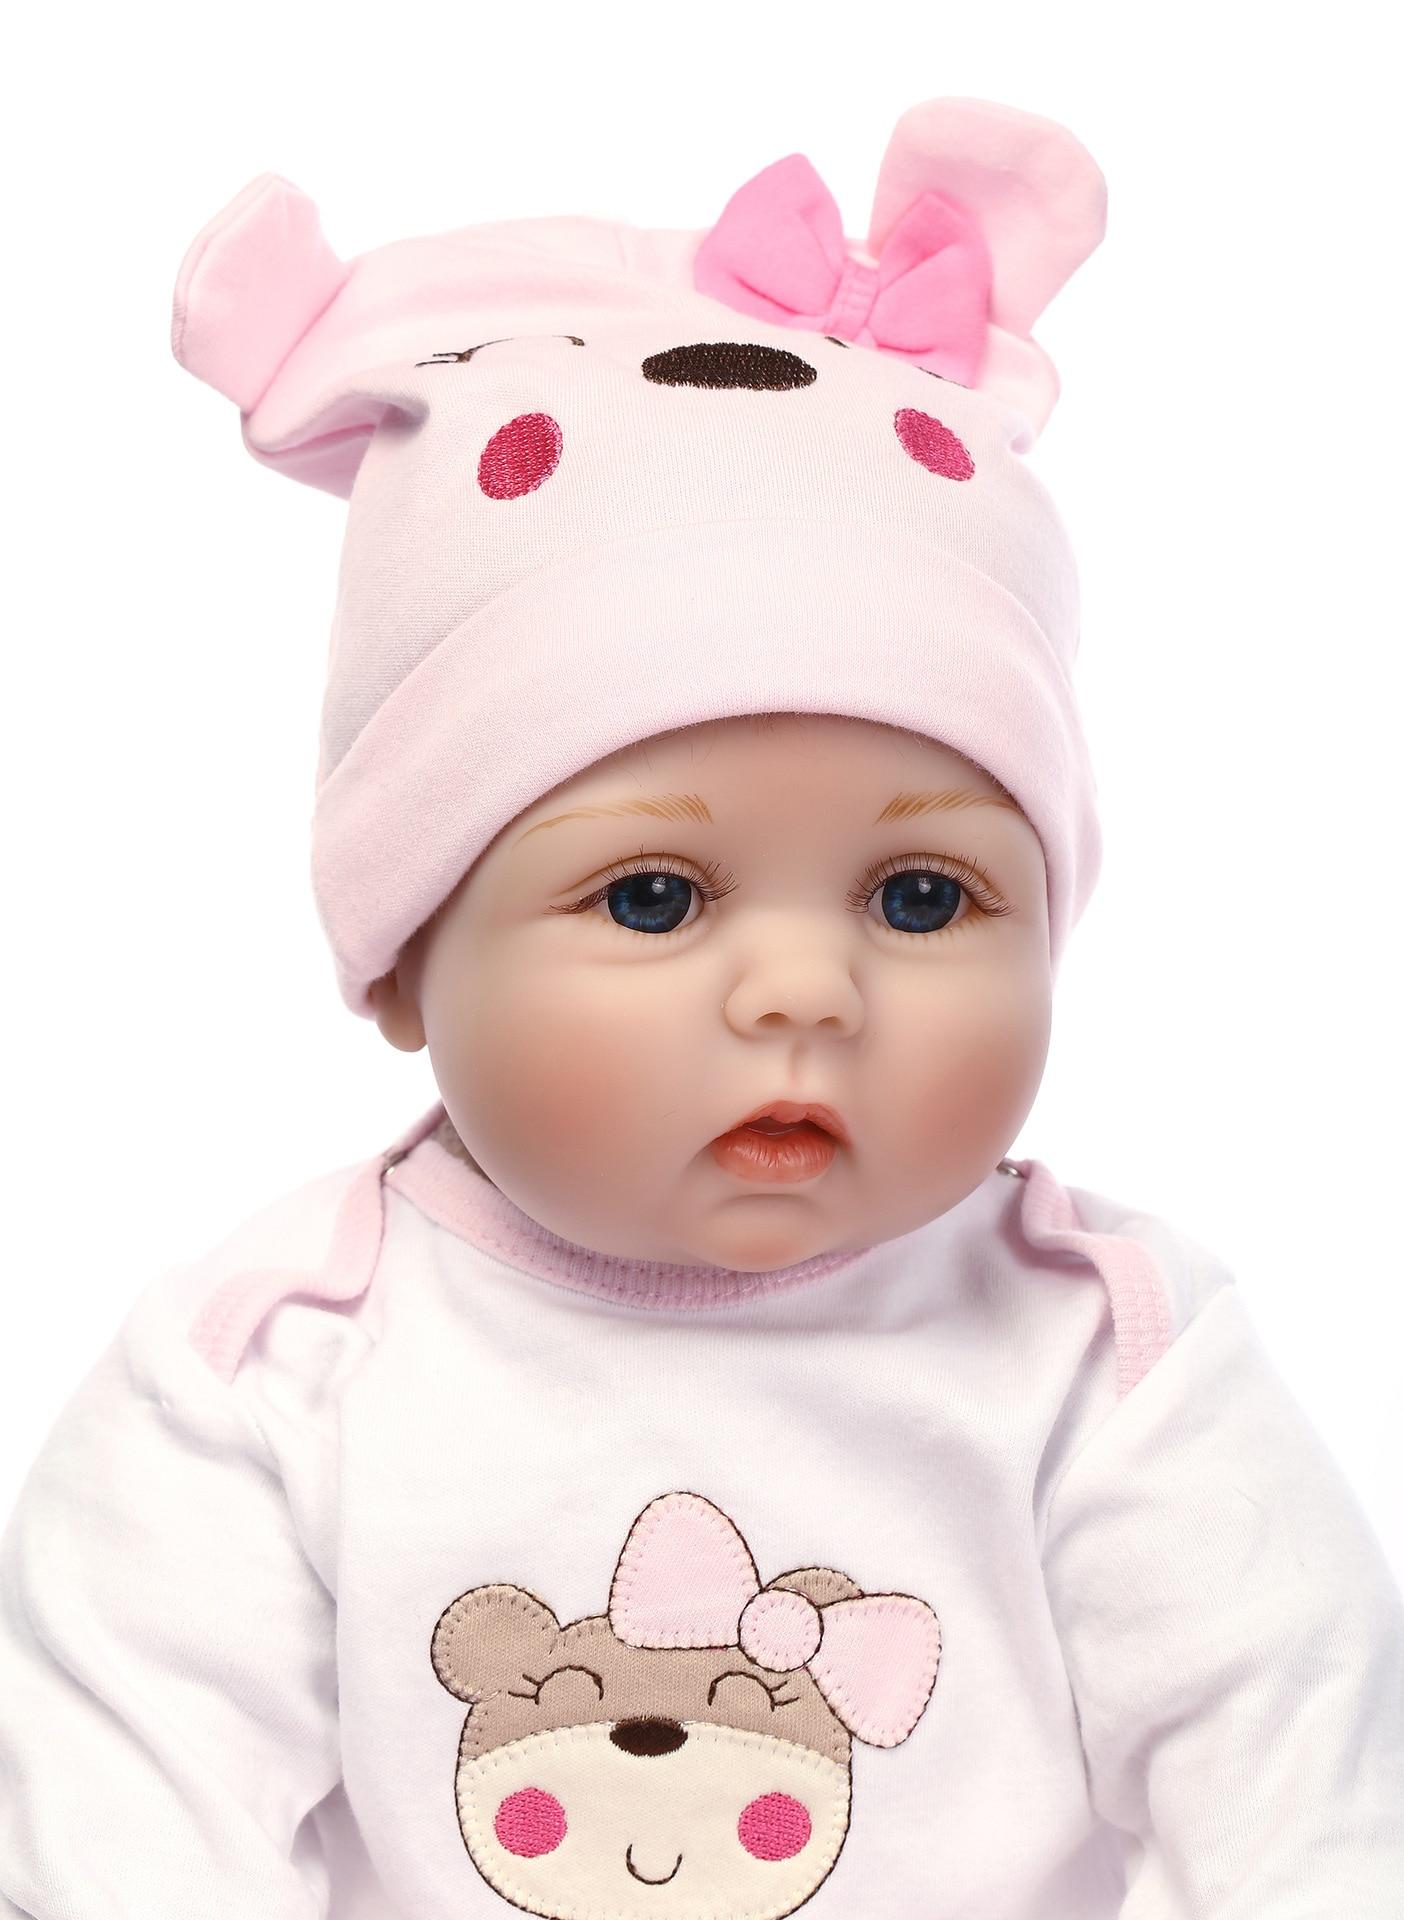 Vinilo de Silicona Suave 55 cm Reborn Baby Girl Doll Appease Muñecas - Muñecas y accesorios - foto 4